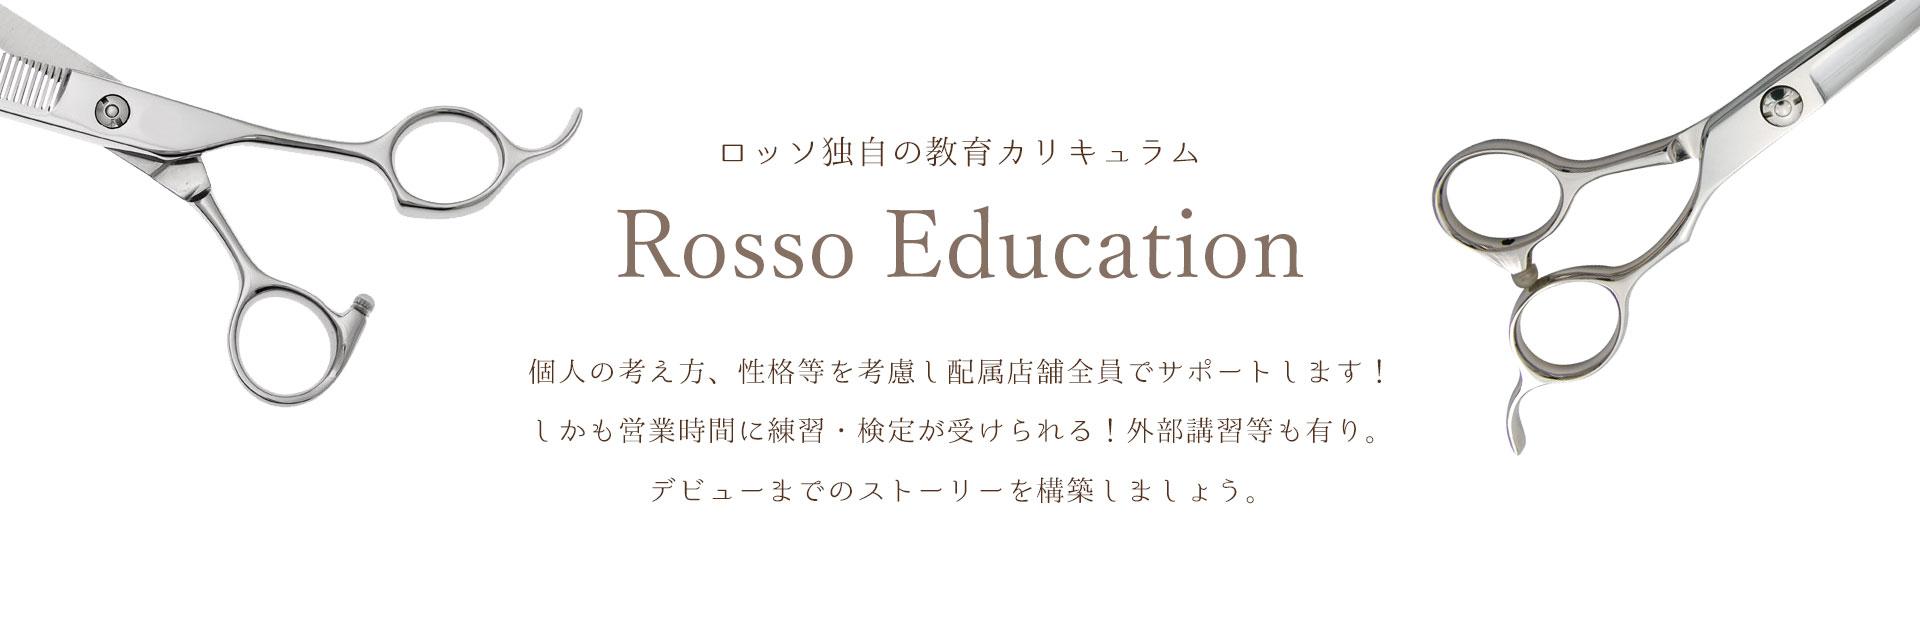 教育について Rosso Education